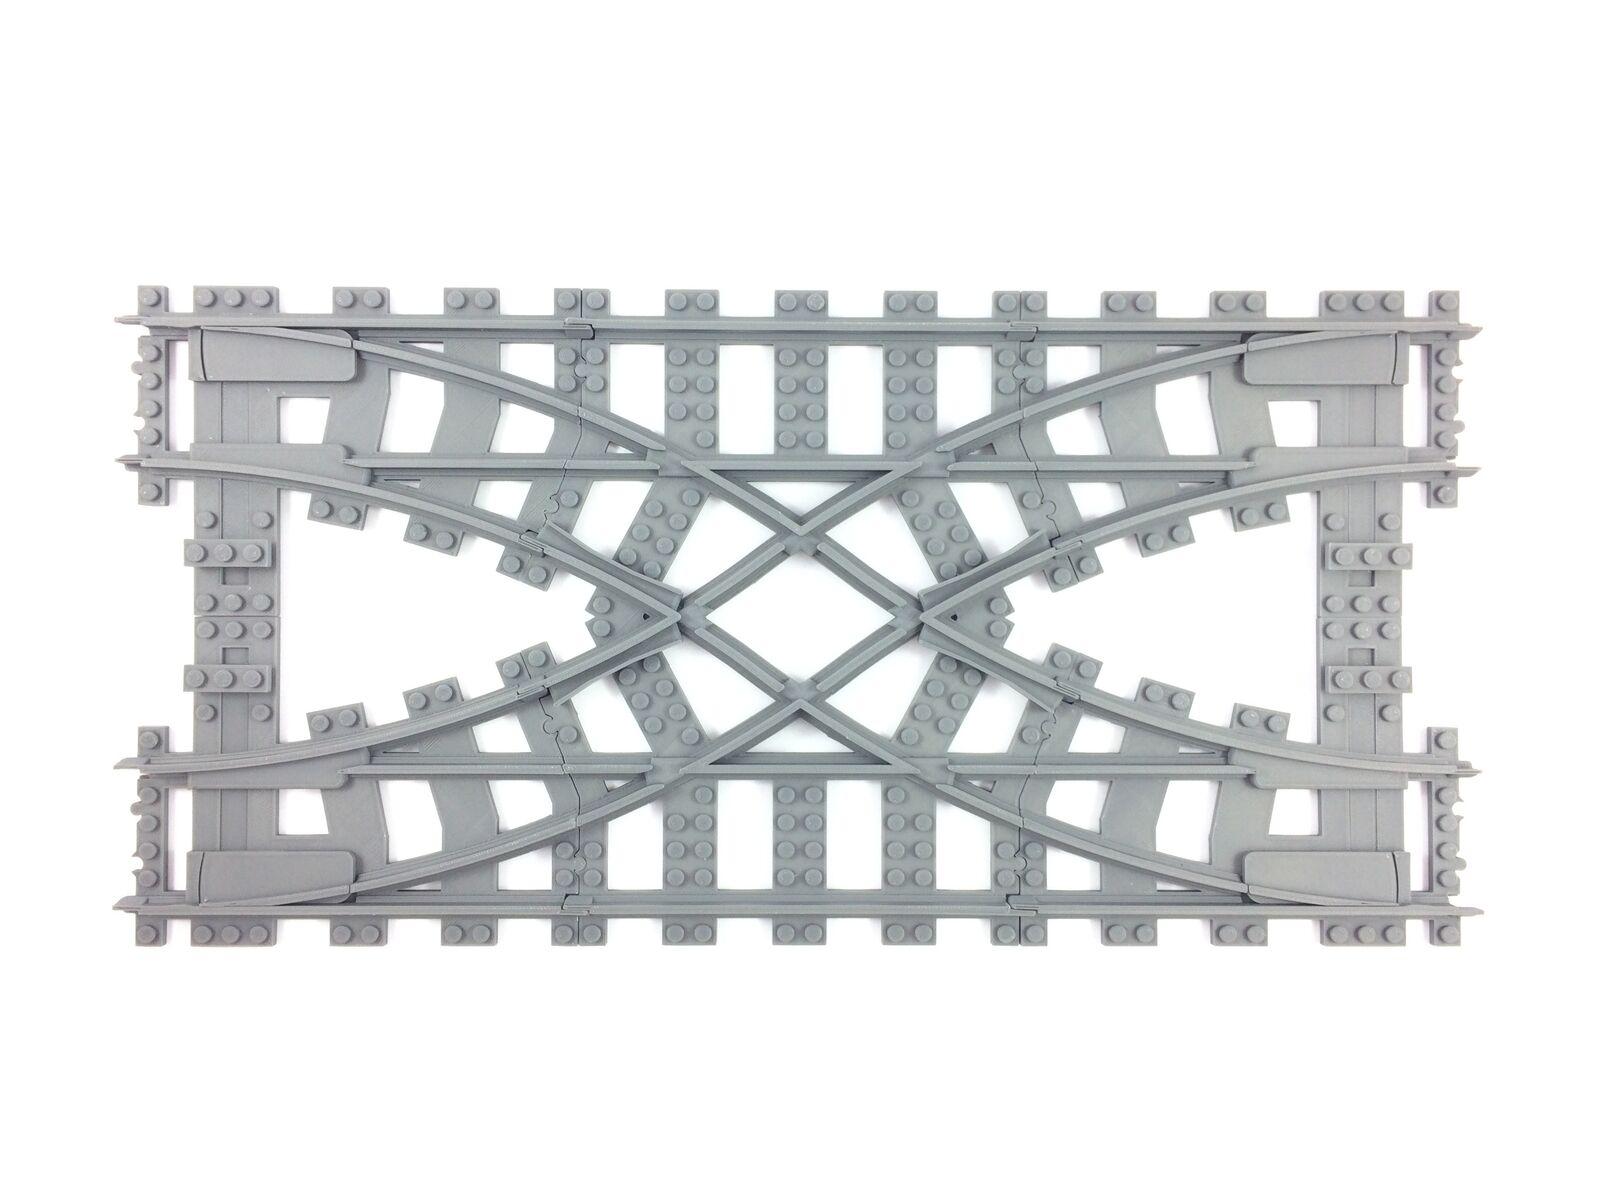 Trixbrix  doppio Crossover compatible with Lego Train  molte sorprese